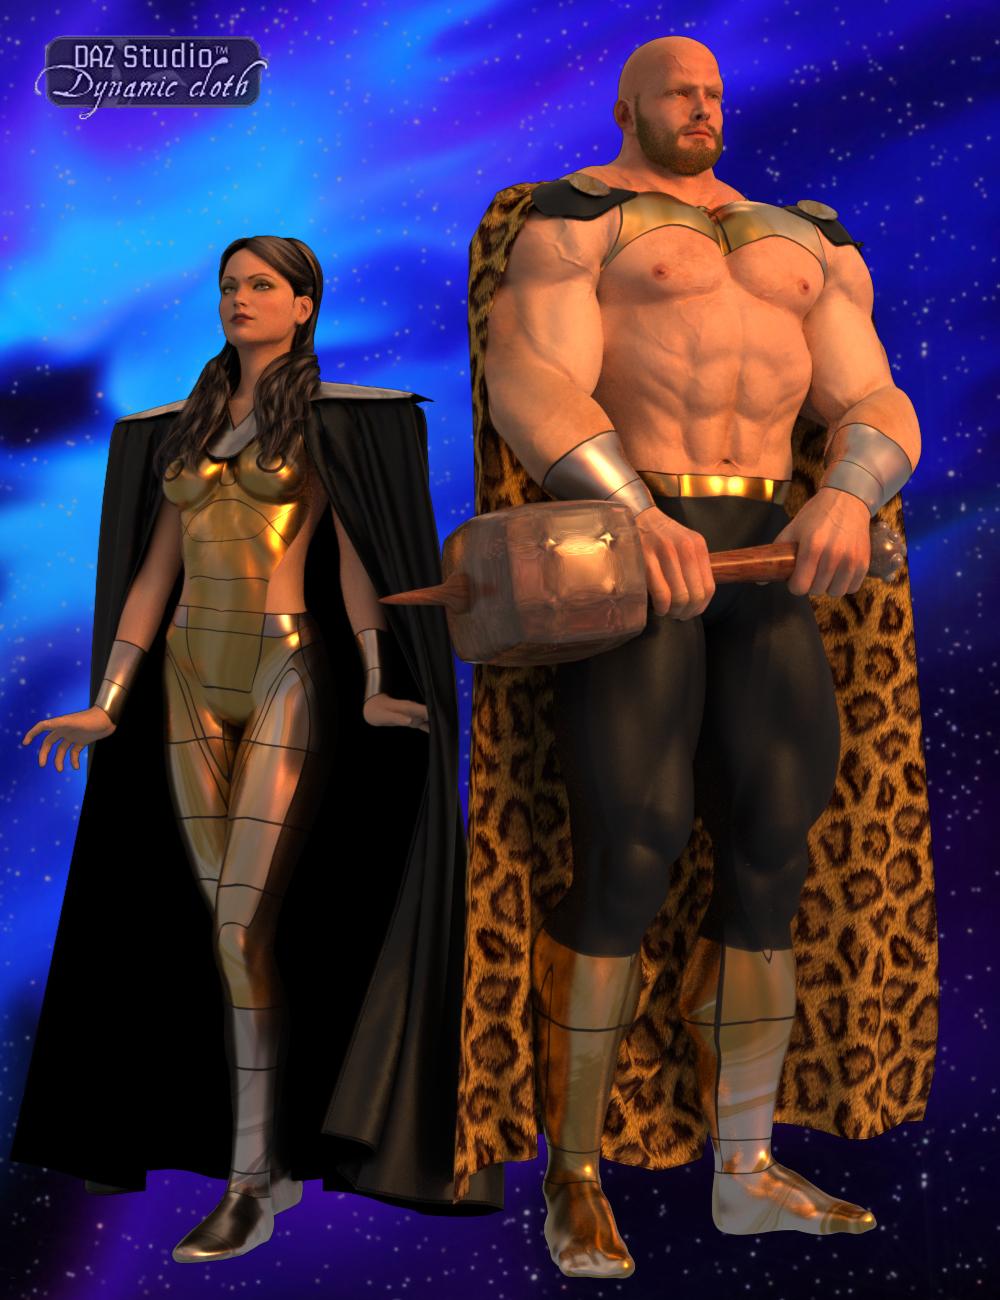 Dynamic Supersuit Set 2 Cosmic Gods by: SimonWMOptiTex, 3D Models by Daz 3D